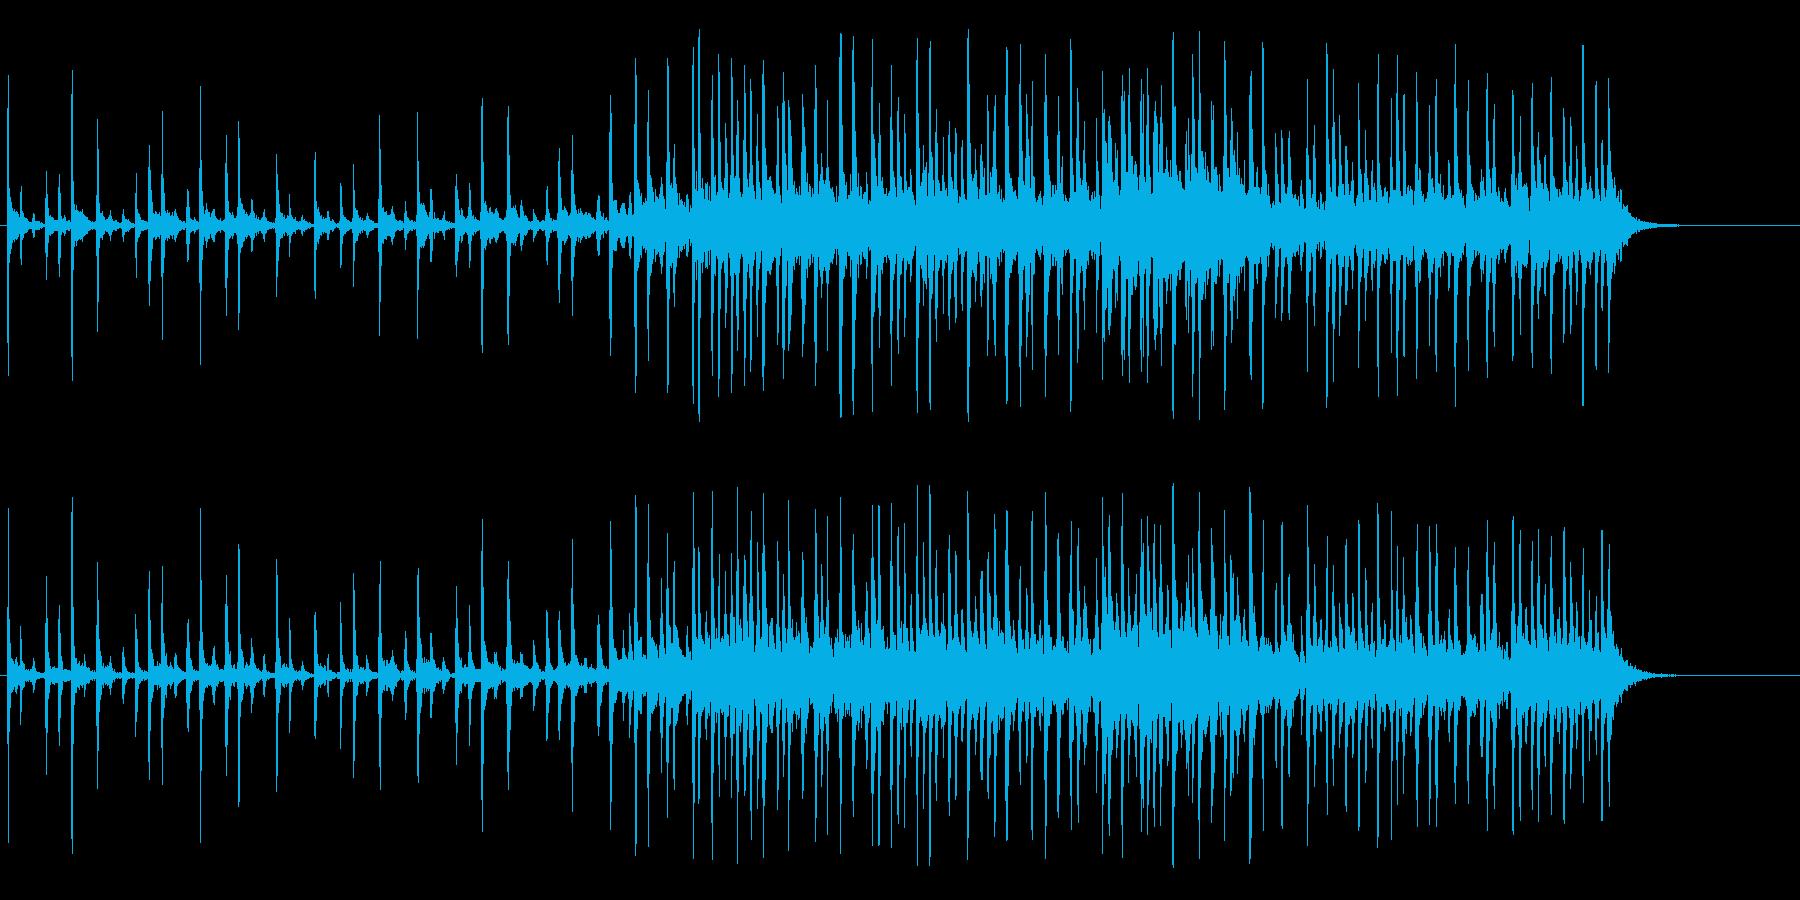 締め太鼓による音程違いのリズミカルな音源の再生済みの波形